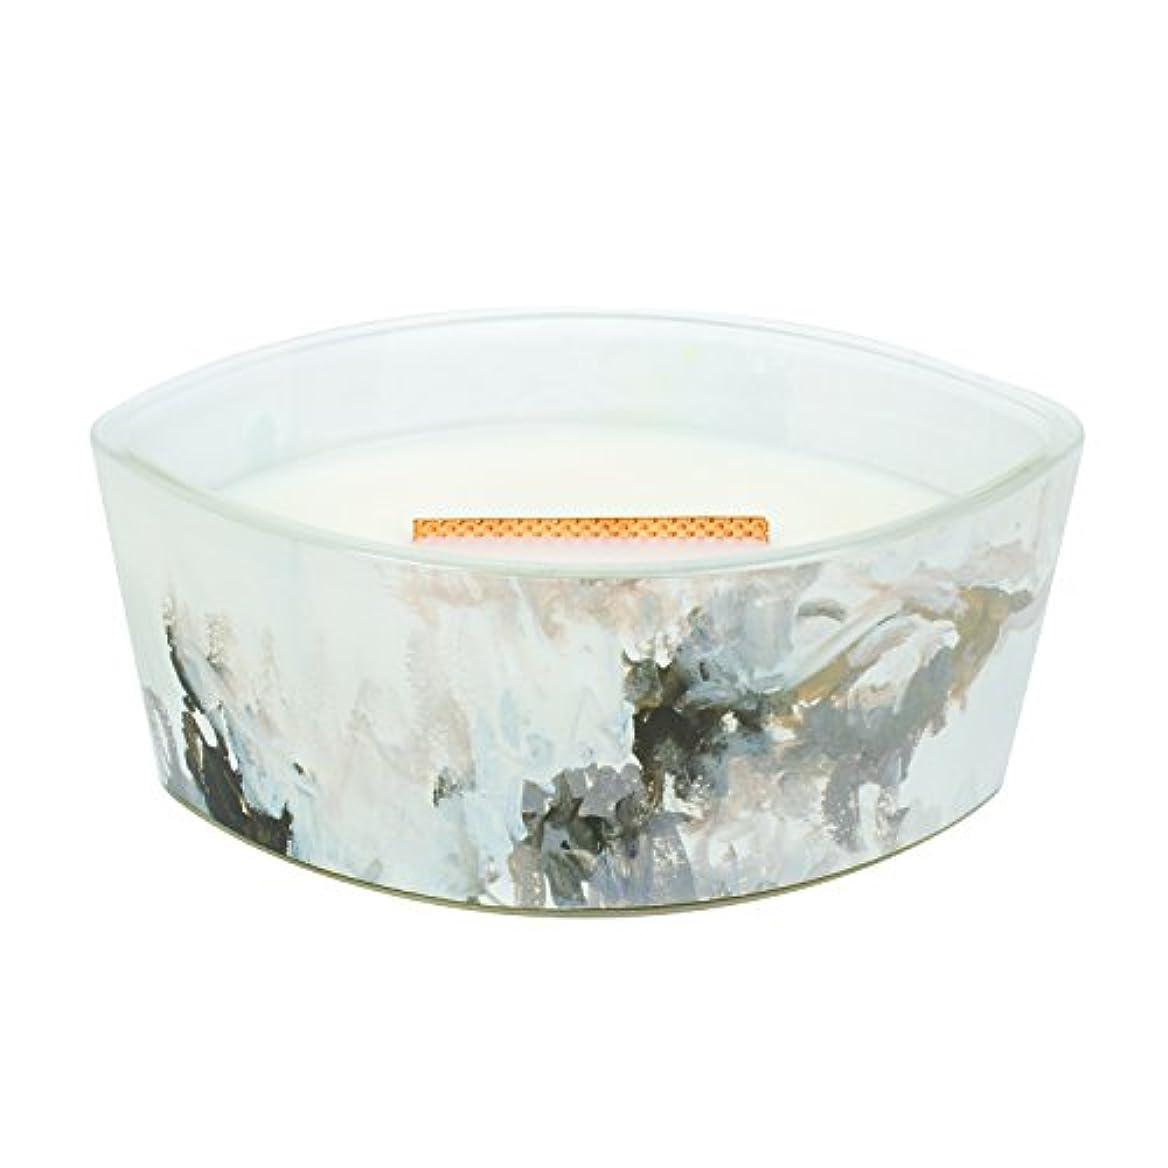 一方、指紋しなやかなHoney Tabac – アーティザンコレクション楕円WoodWick香りつきJar Candle